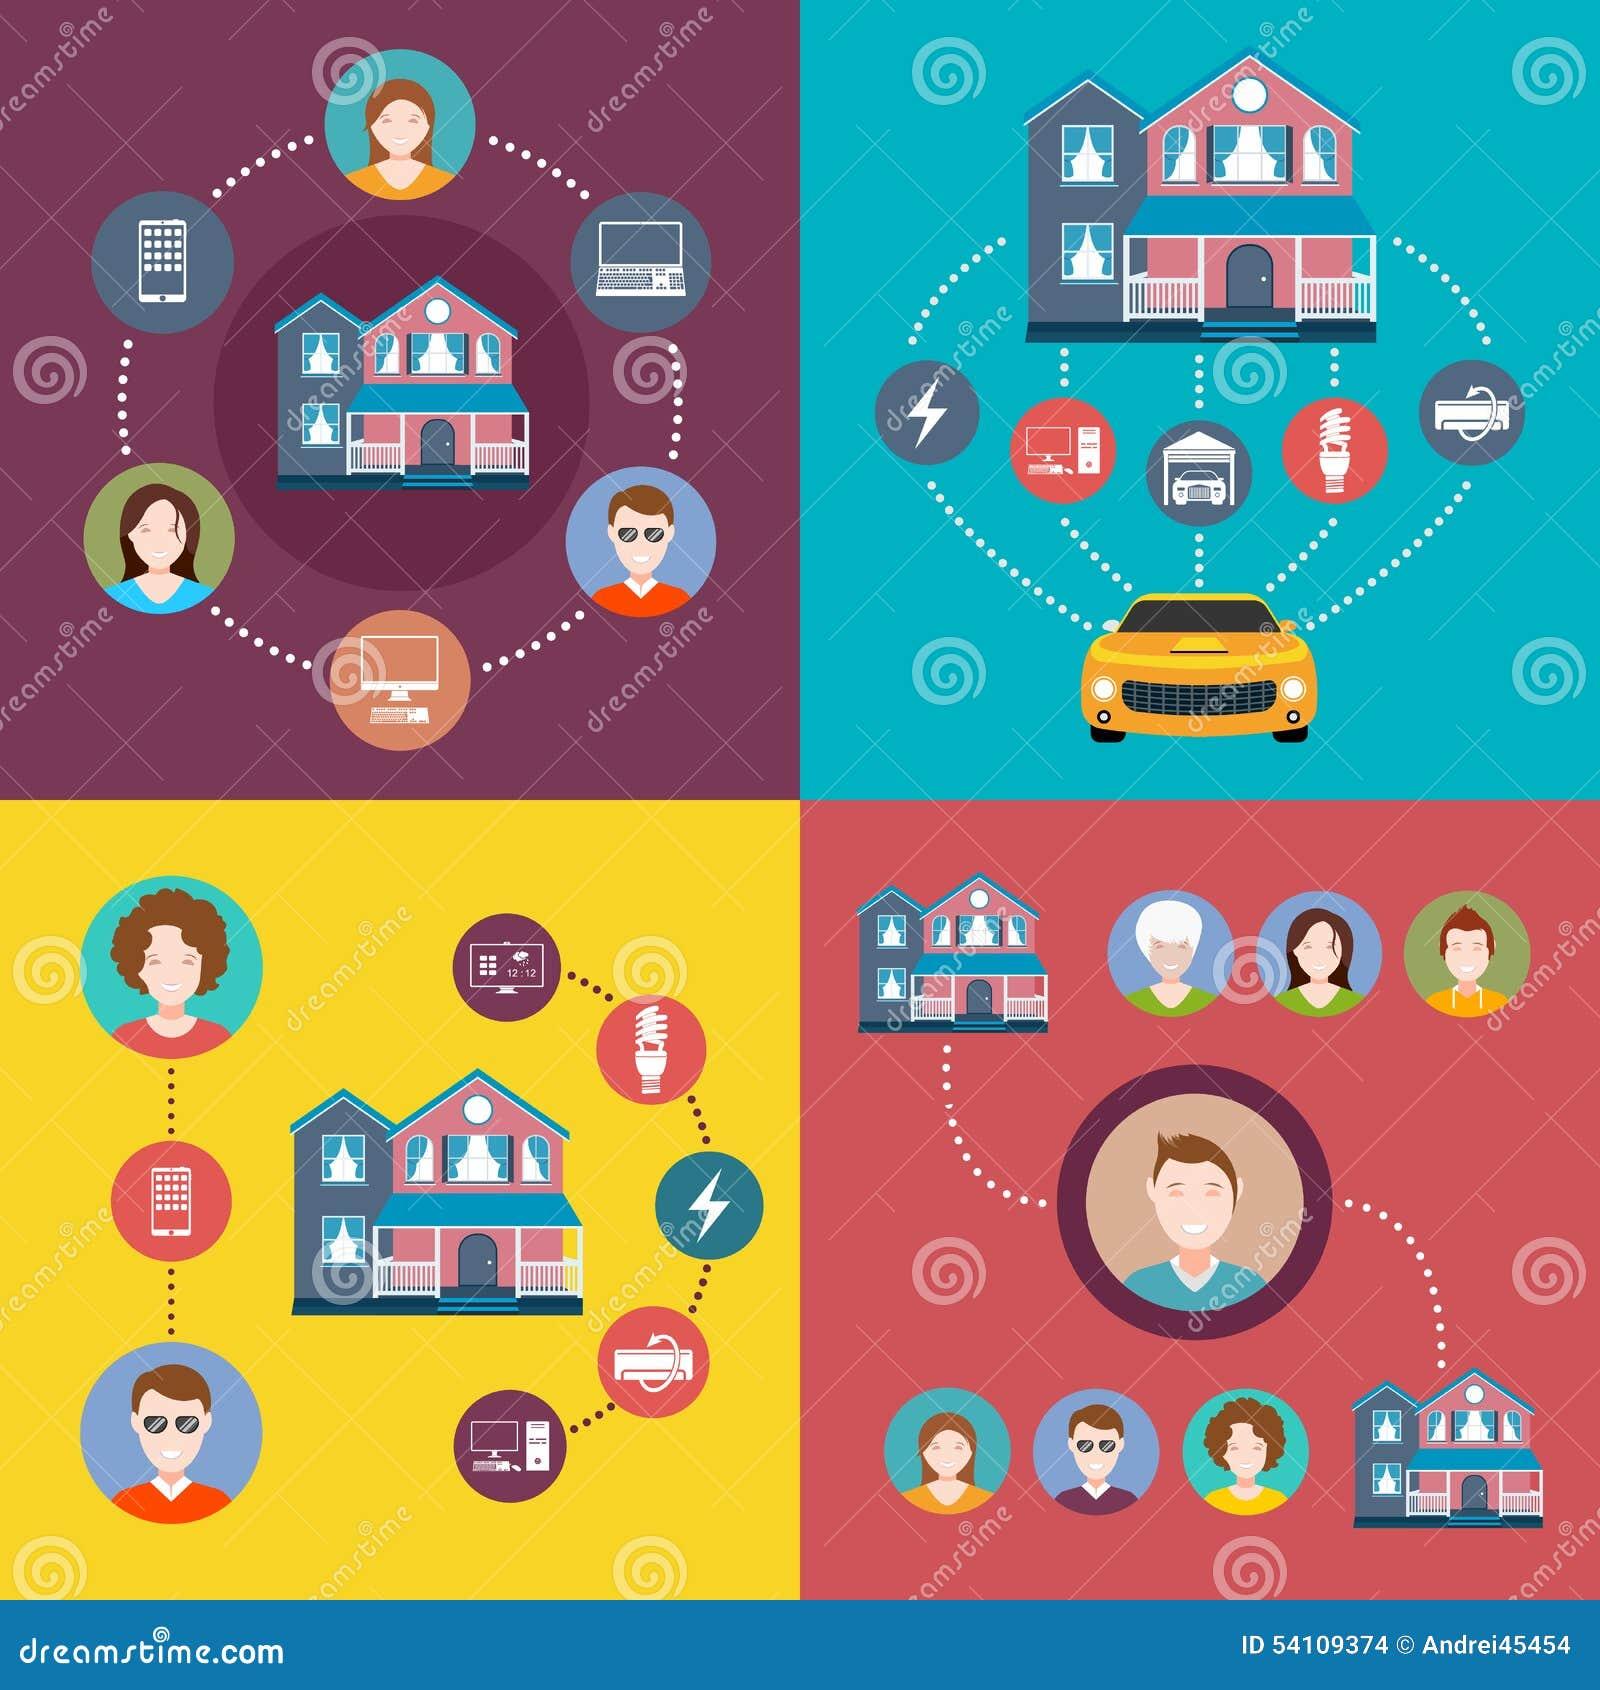 set of elements infographics smart home stock illustration. Black Bedroom Furniture Sets. Home Design Ideas